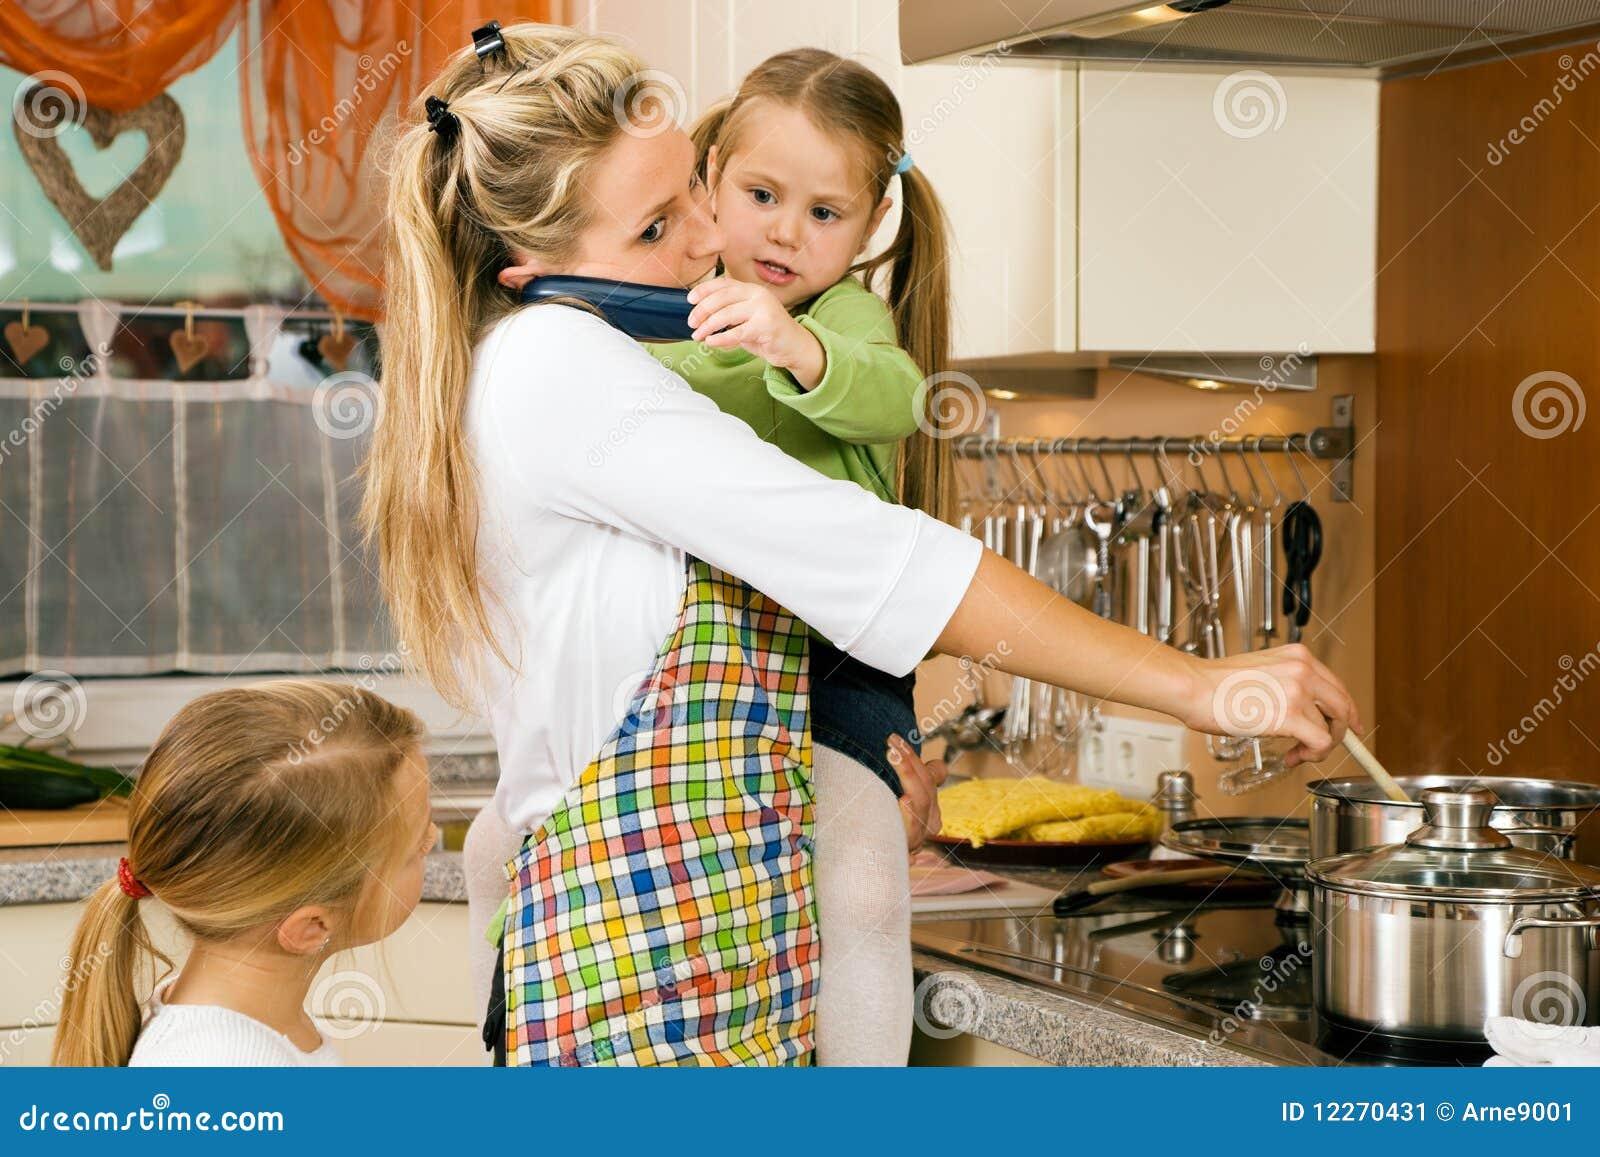 ركن سؤال وجواب في الطبخ Housewife-children-having-stress-12270431